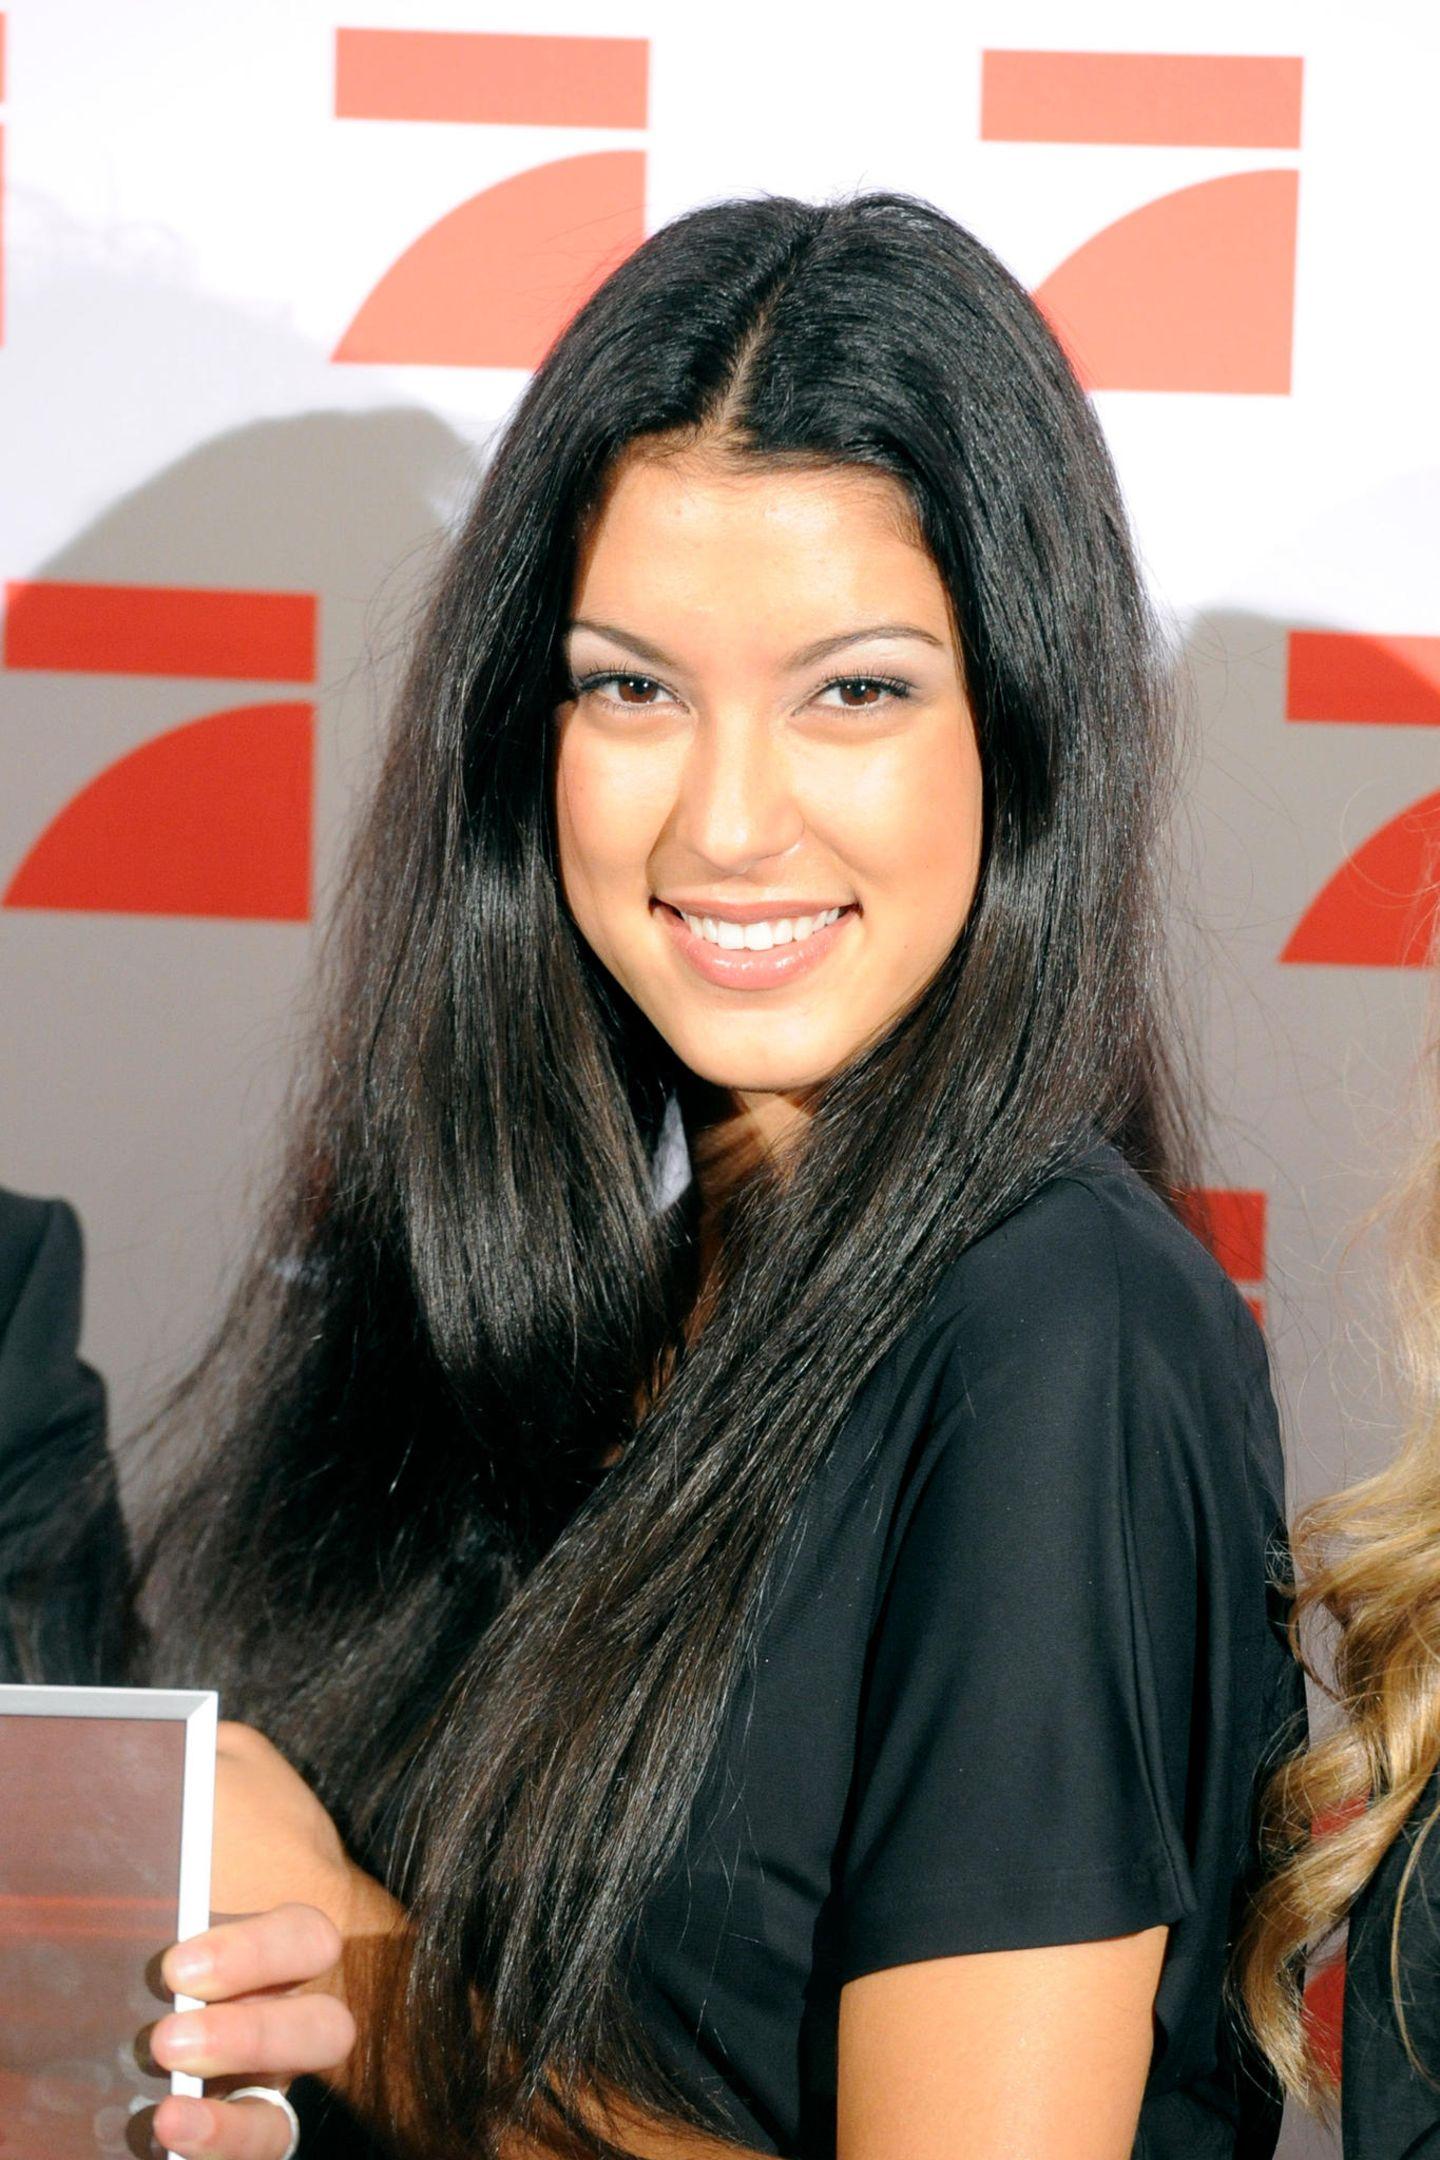 Leichte Pausbäckchen, sehr schmale Augenbrauen und ein heller Lidschatten - so startet Rebecca Mir ihre Karriere in der sechsten Staffel von GNTM.